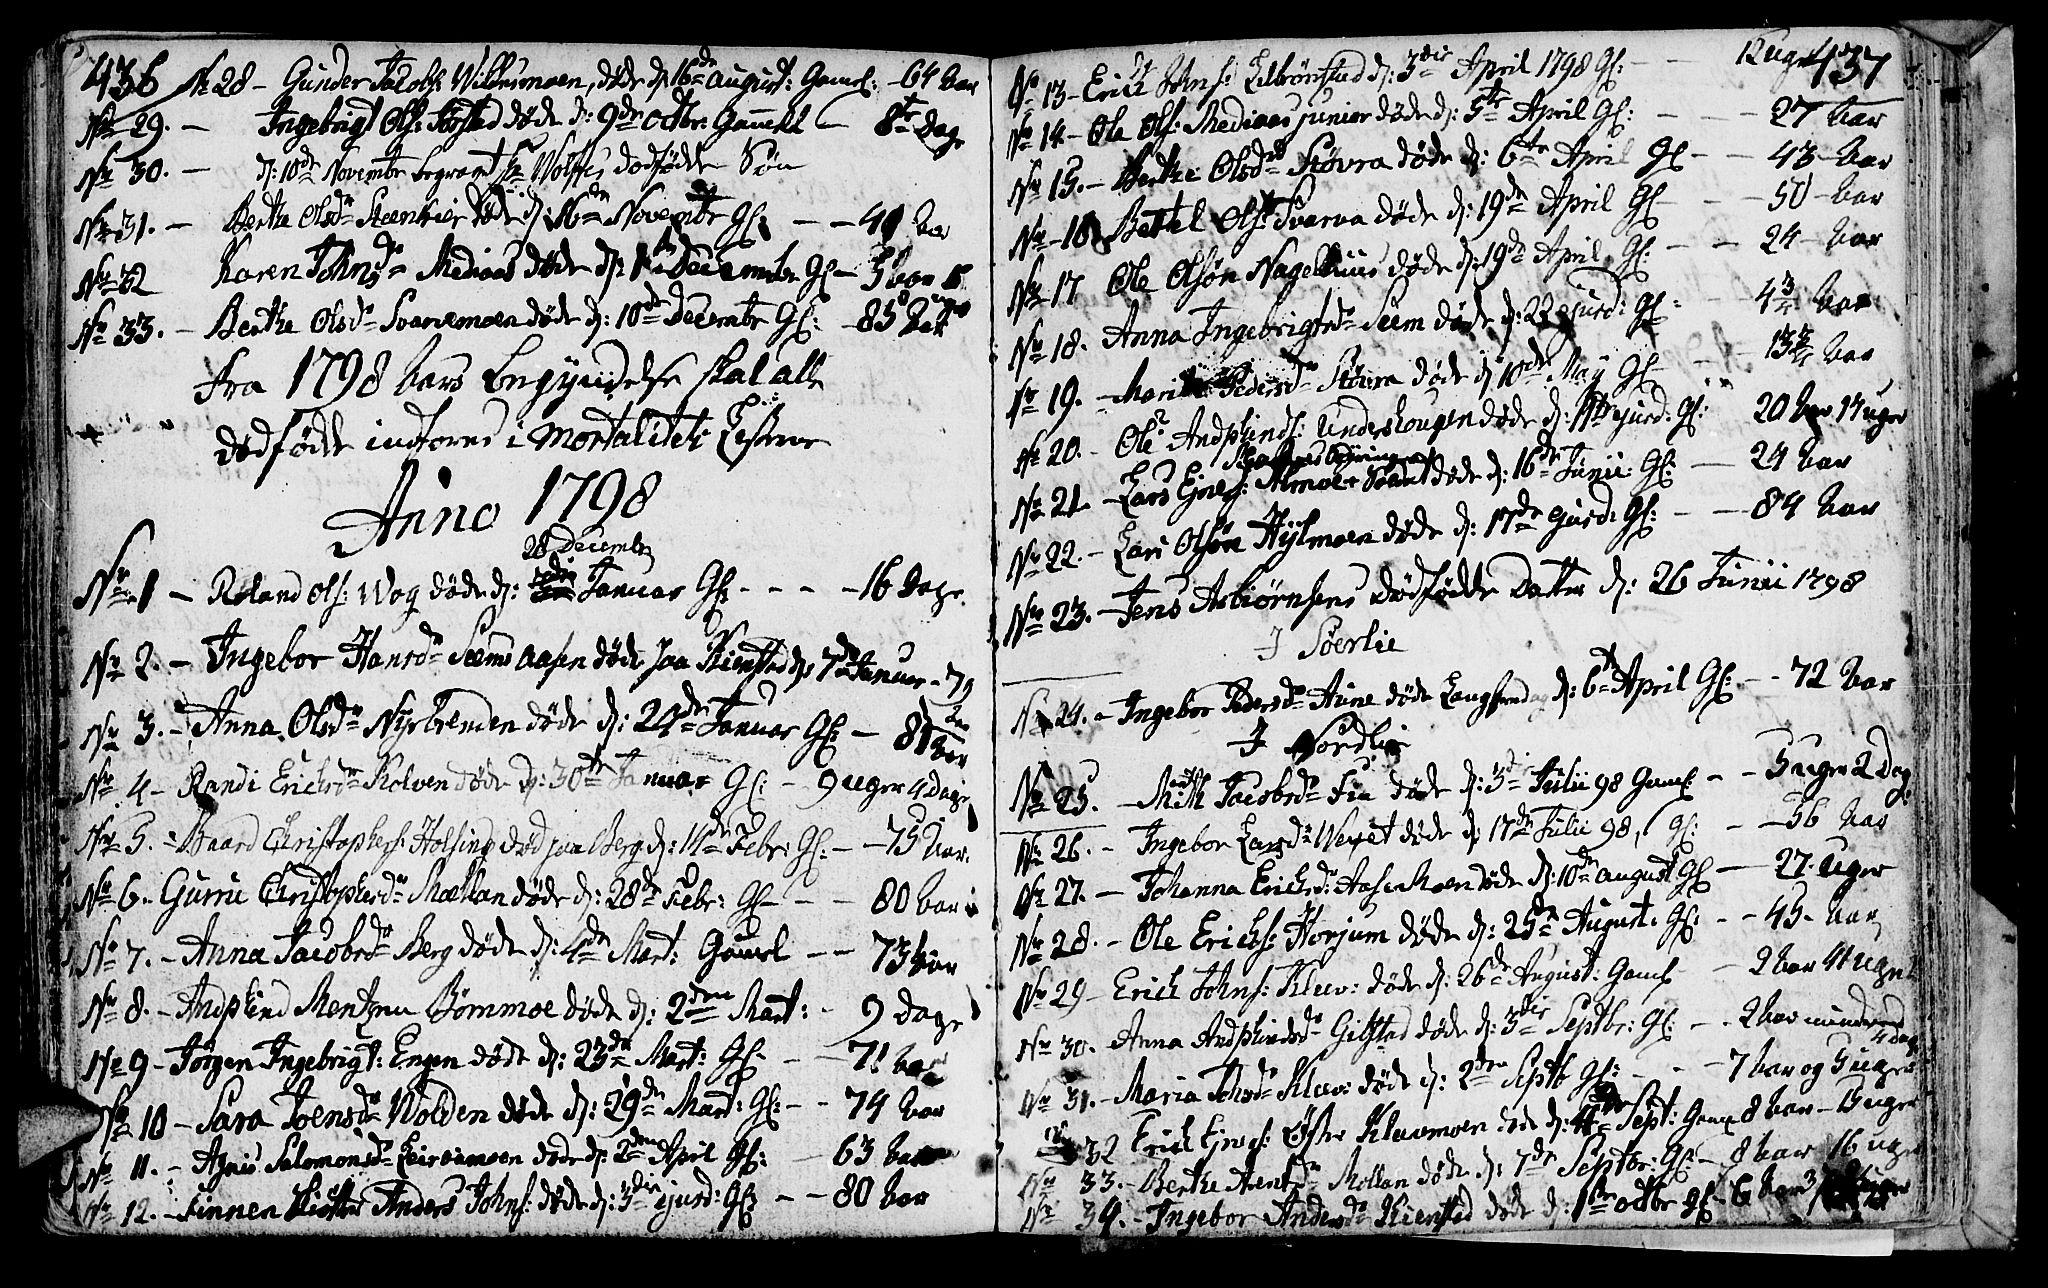 SAT, Ministerialprotokoller, klokkerbøker og fødselsregistre - Nord-Trøndelag, 749/L0468: Ministerialbok nr. 749A02, 1787-1817, s. 436-437